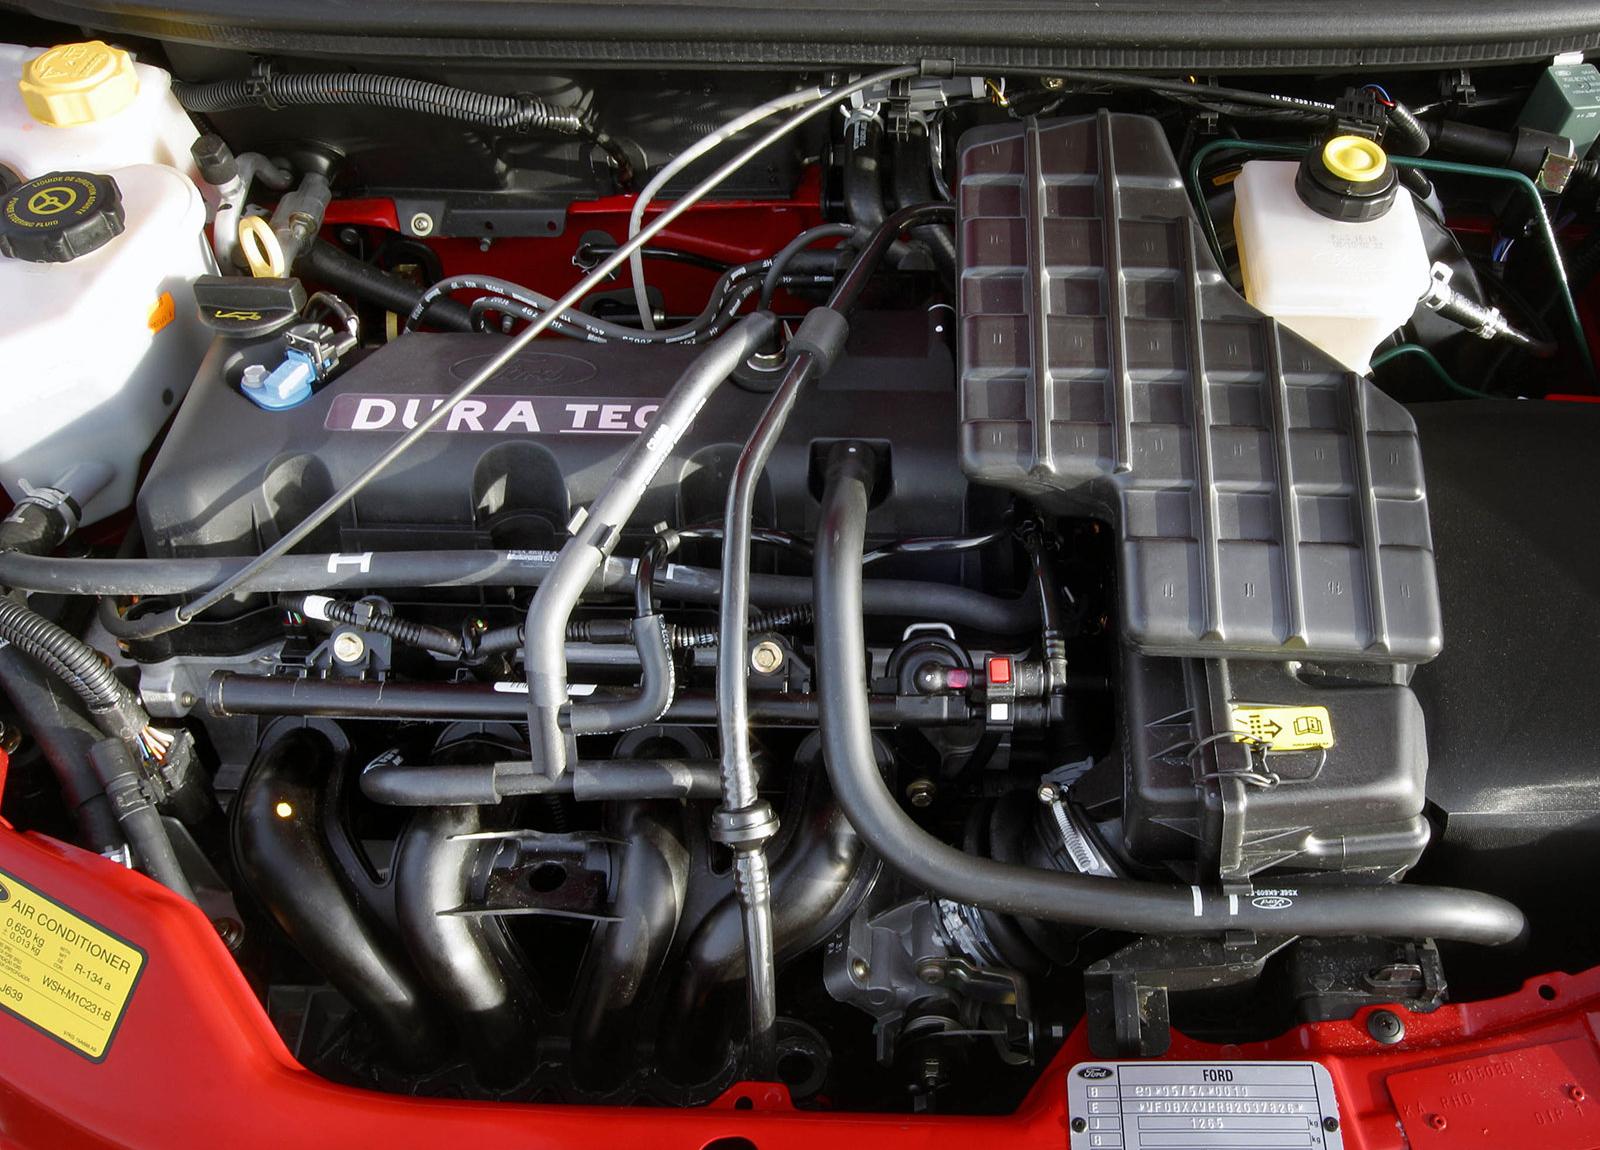 Ford Ka photo #8